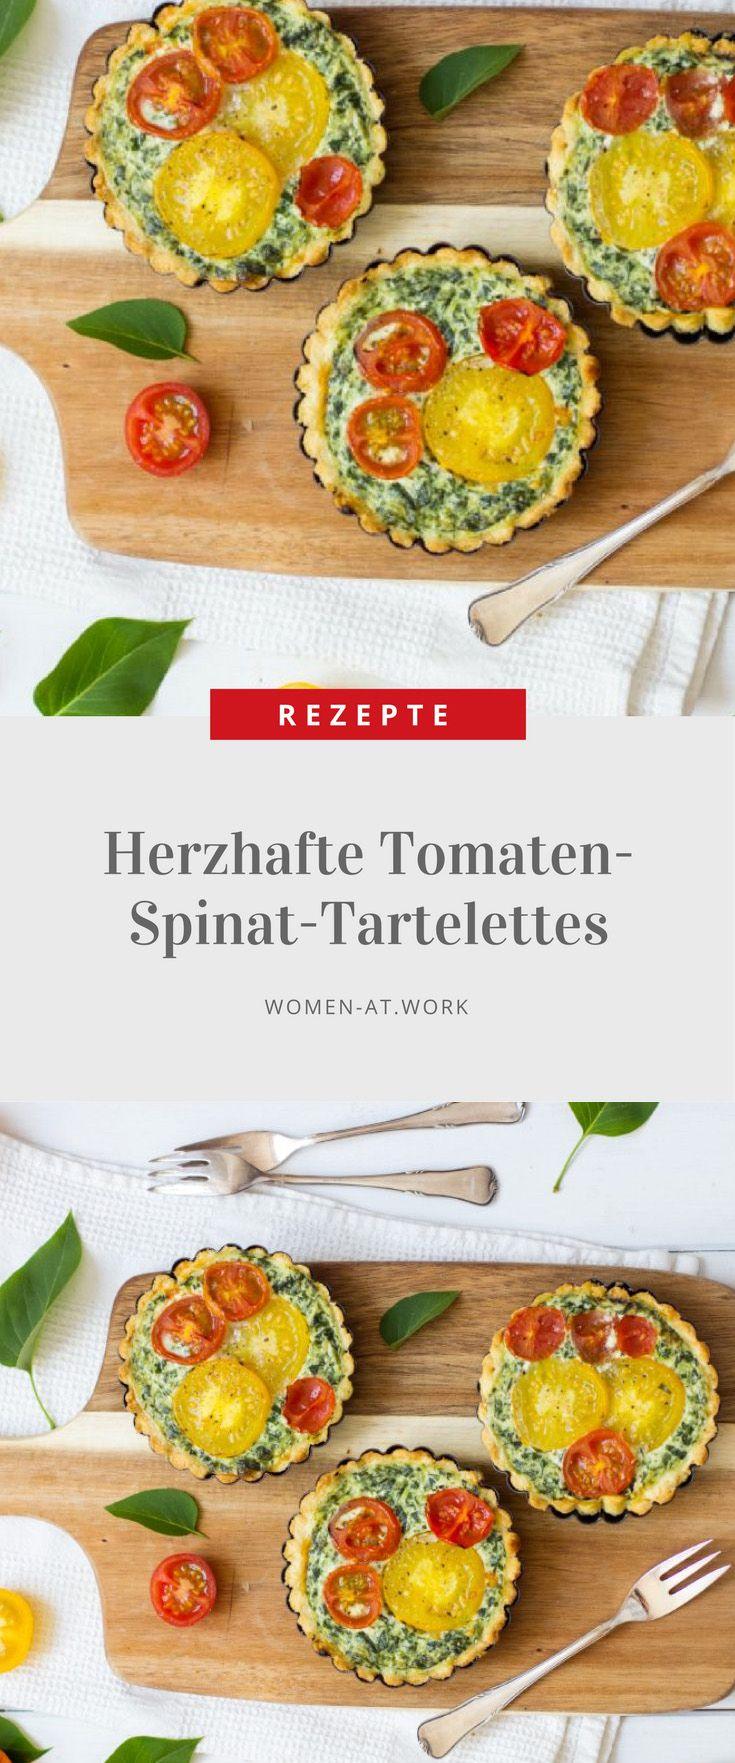 Herzhafte Tomaten-Spinat-Tartelettes